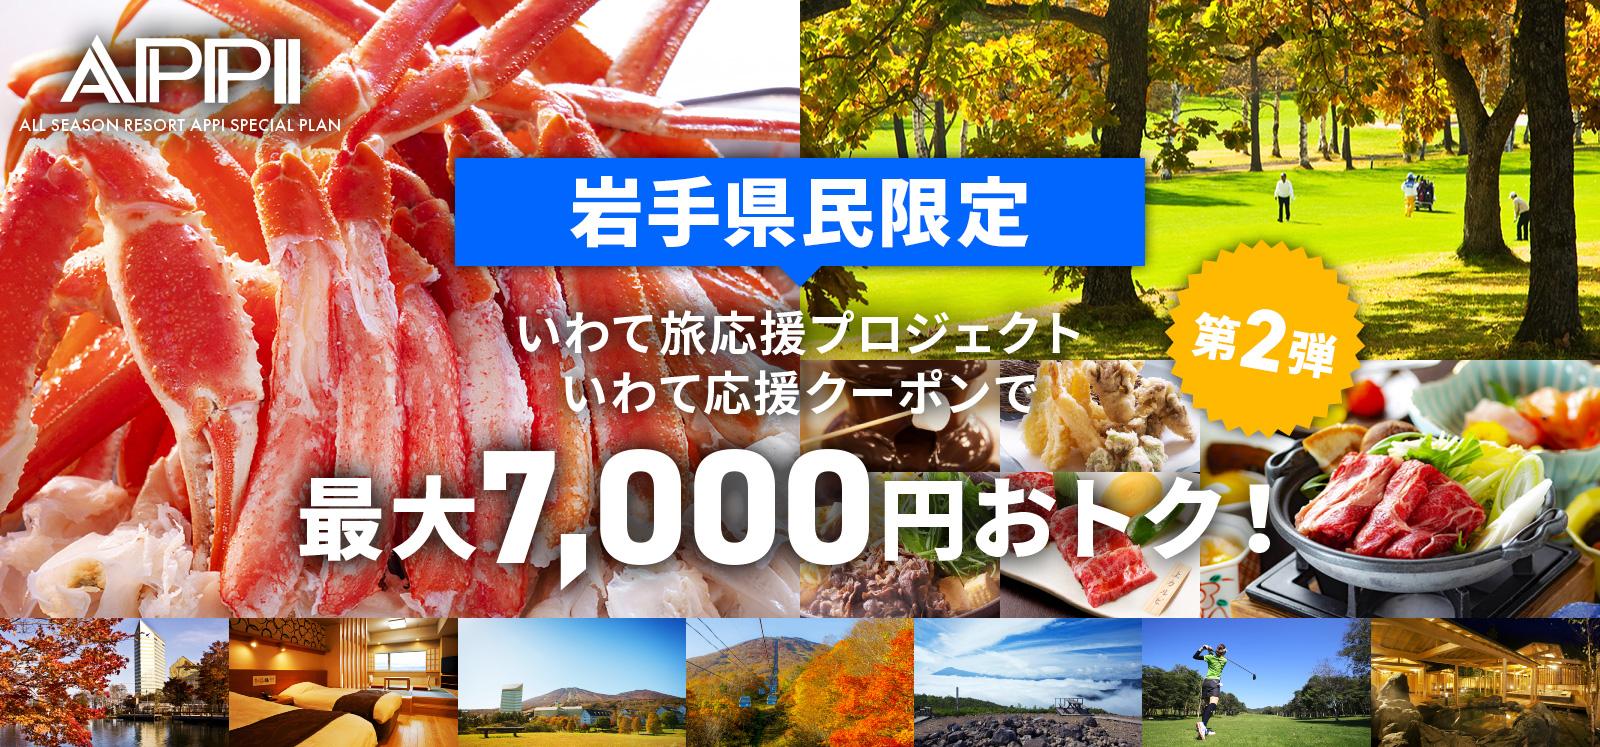 岩手県民限定 いわて旅応援プロジェクト第2弾 いわて応援クーポンで最大7,000円おトク!